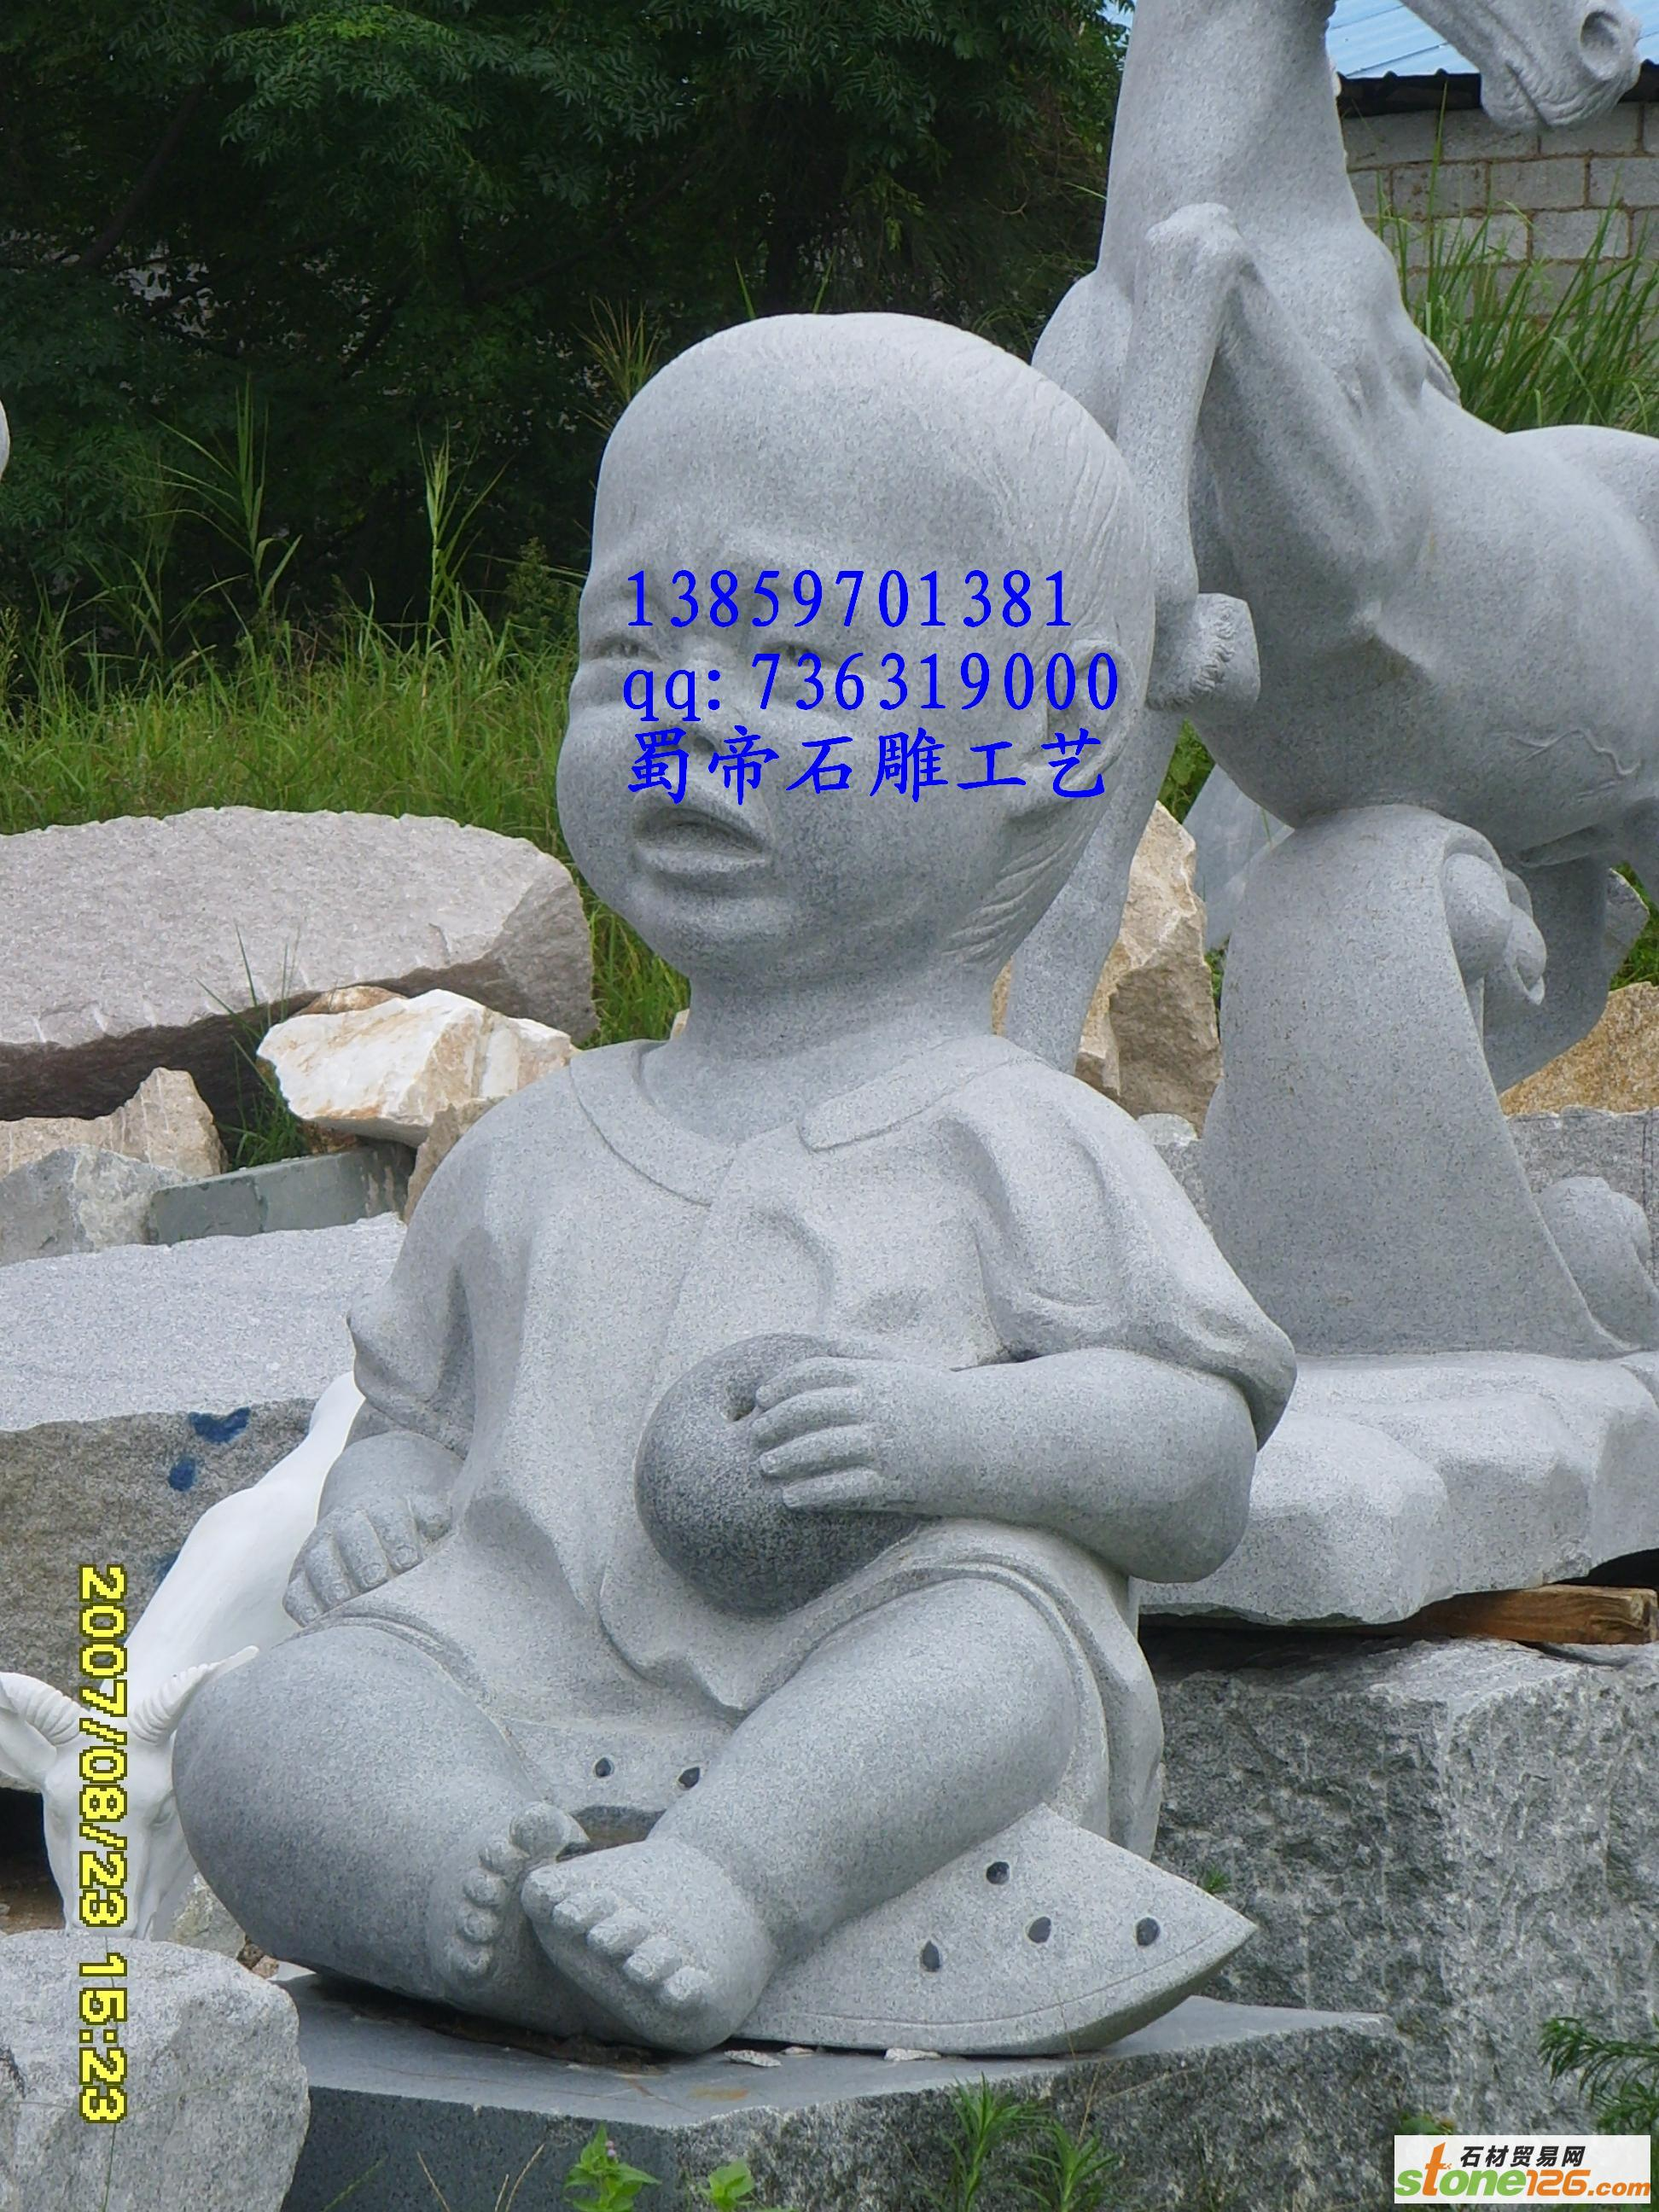 人物-公司相册-惠安蜀帝石雕-专业雕刻城市雕塑,真人.